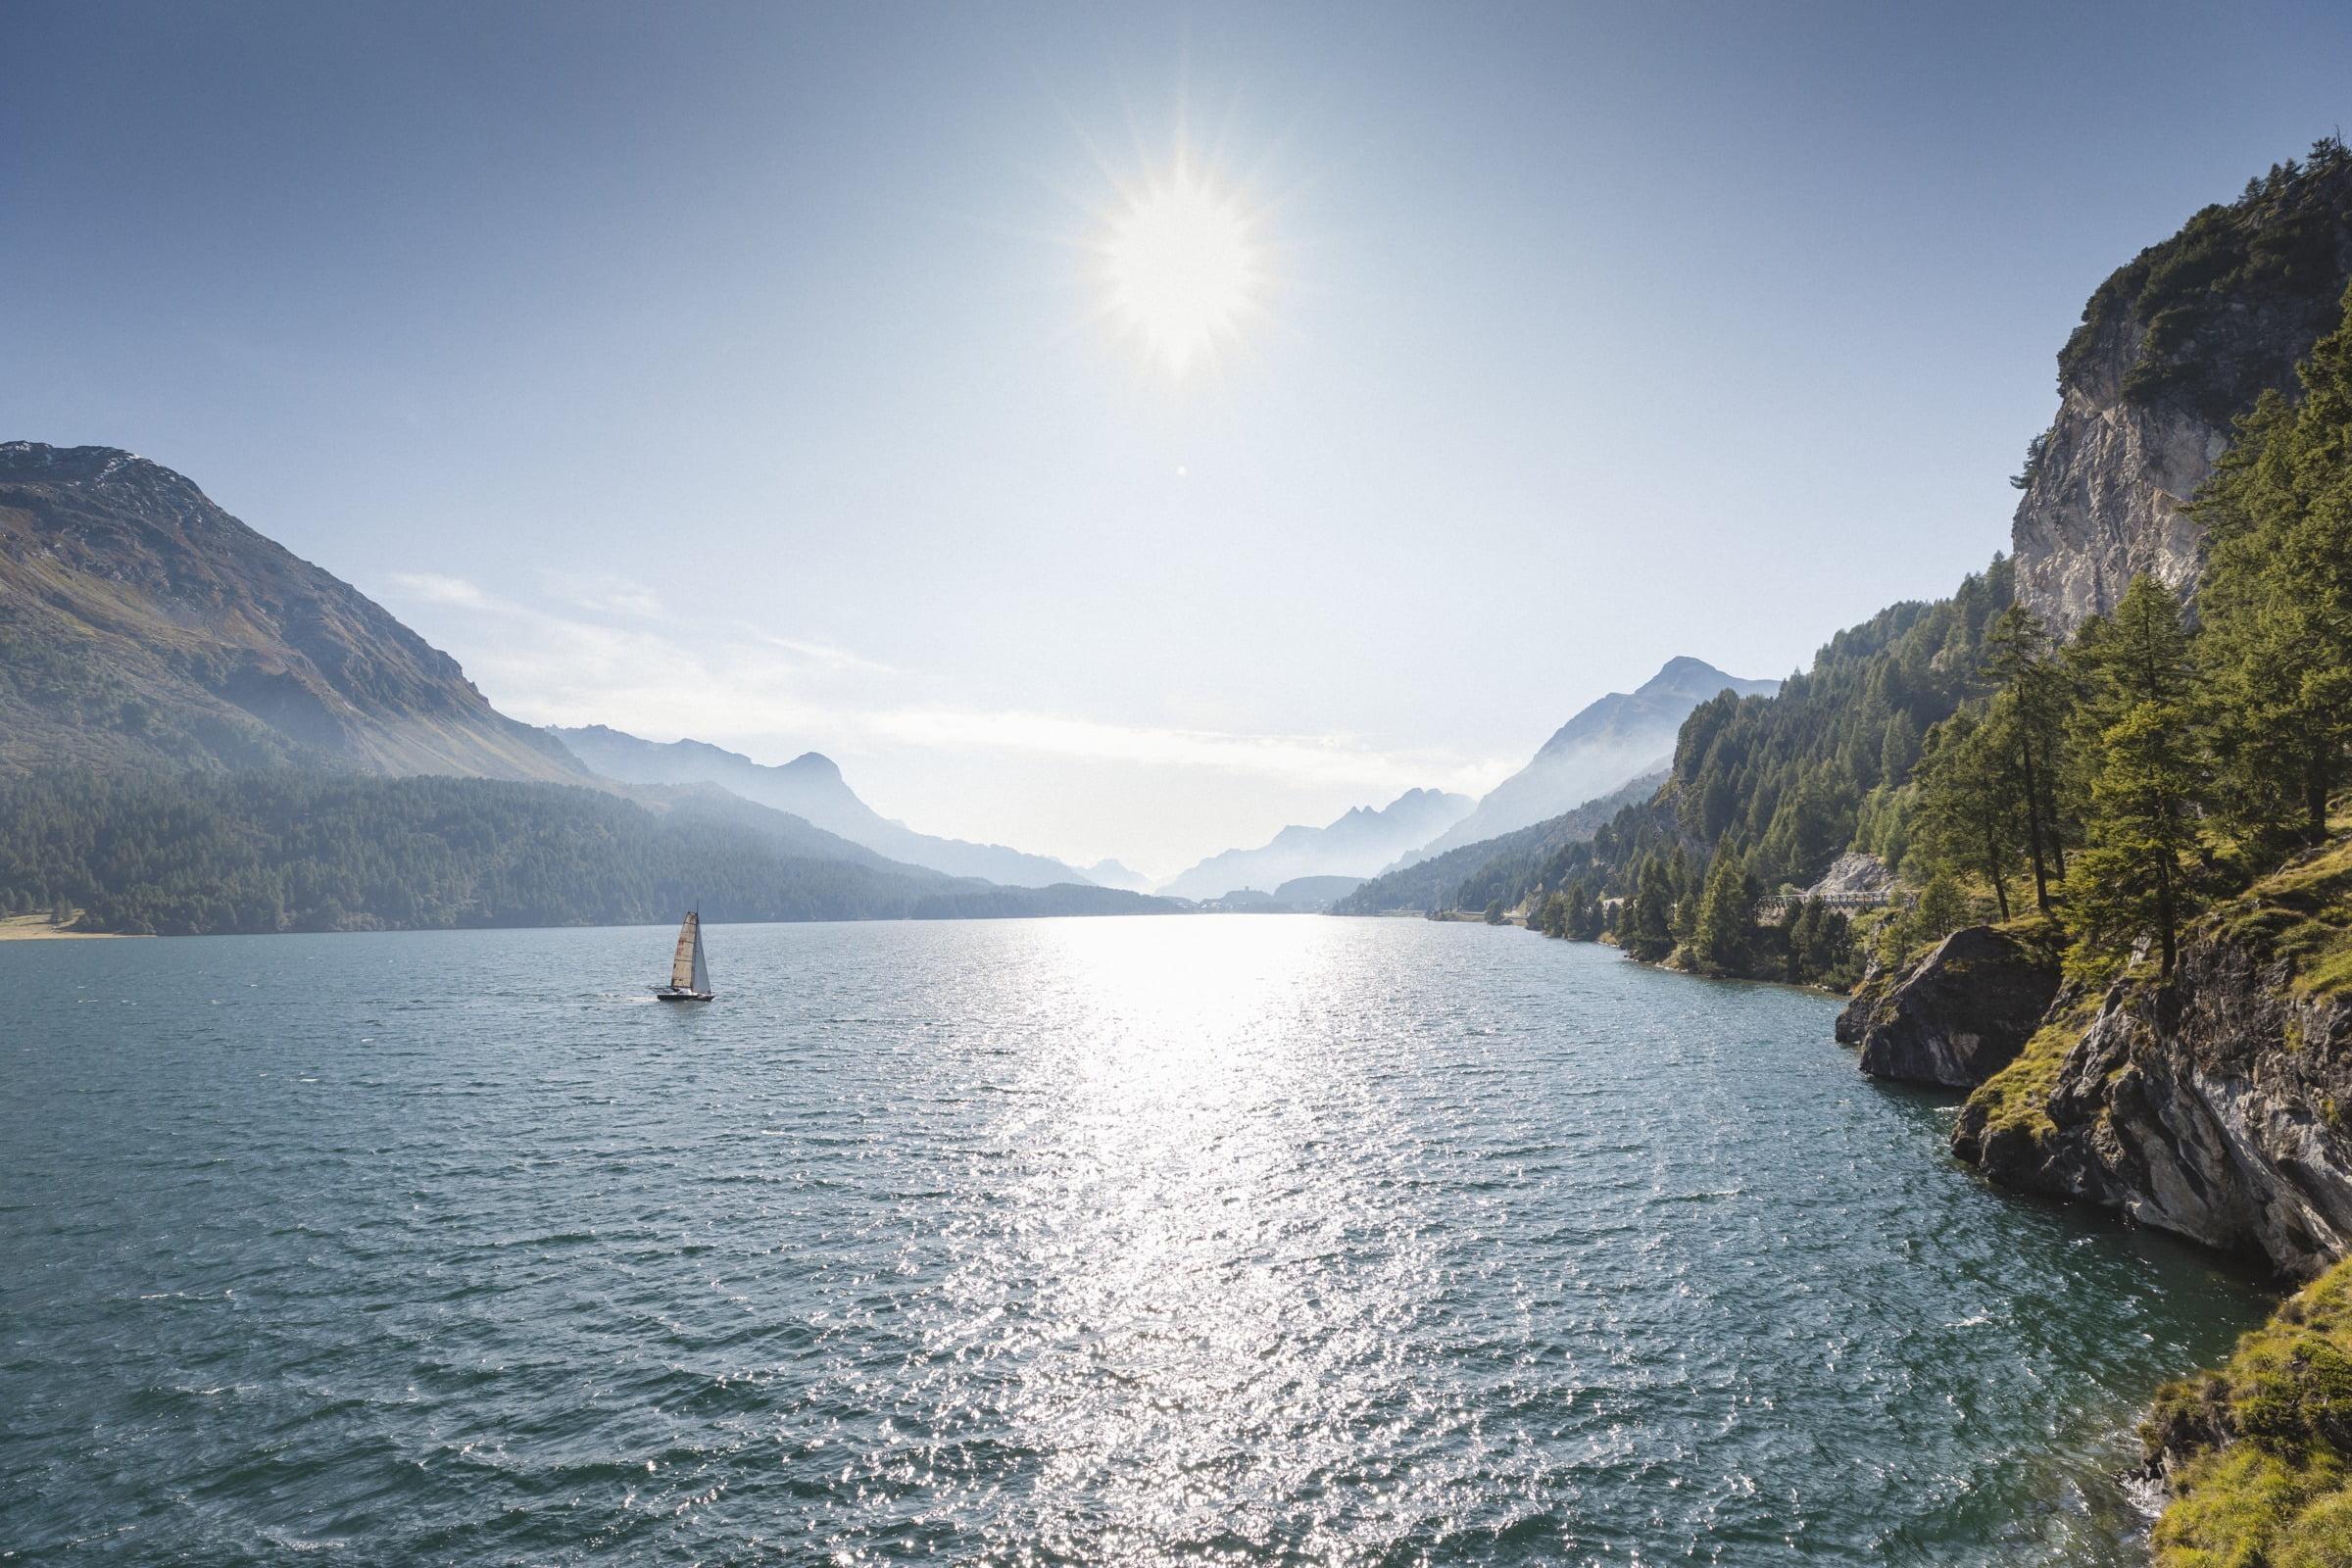 Sailing at Lake St. Moritz